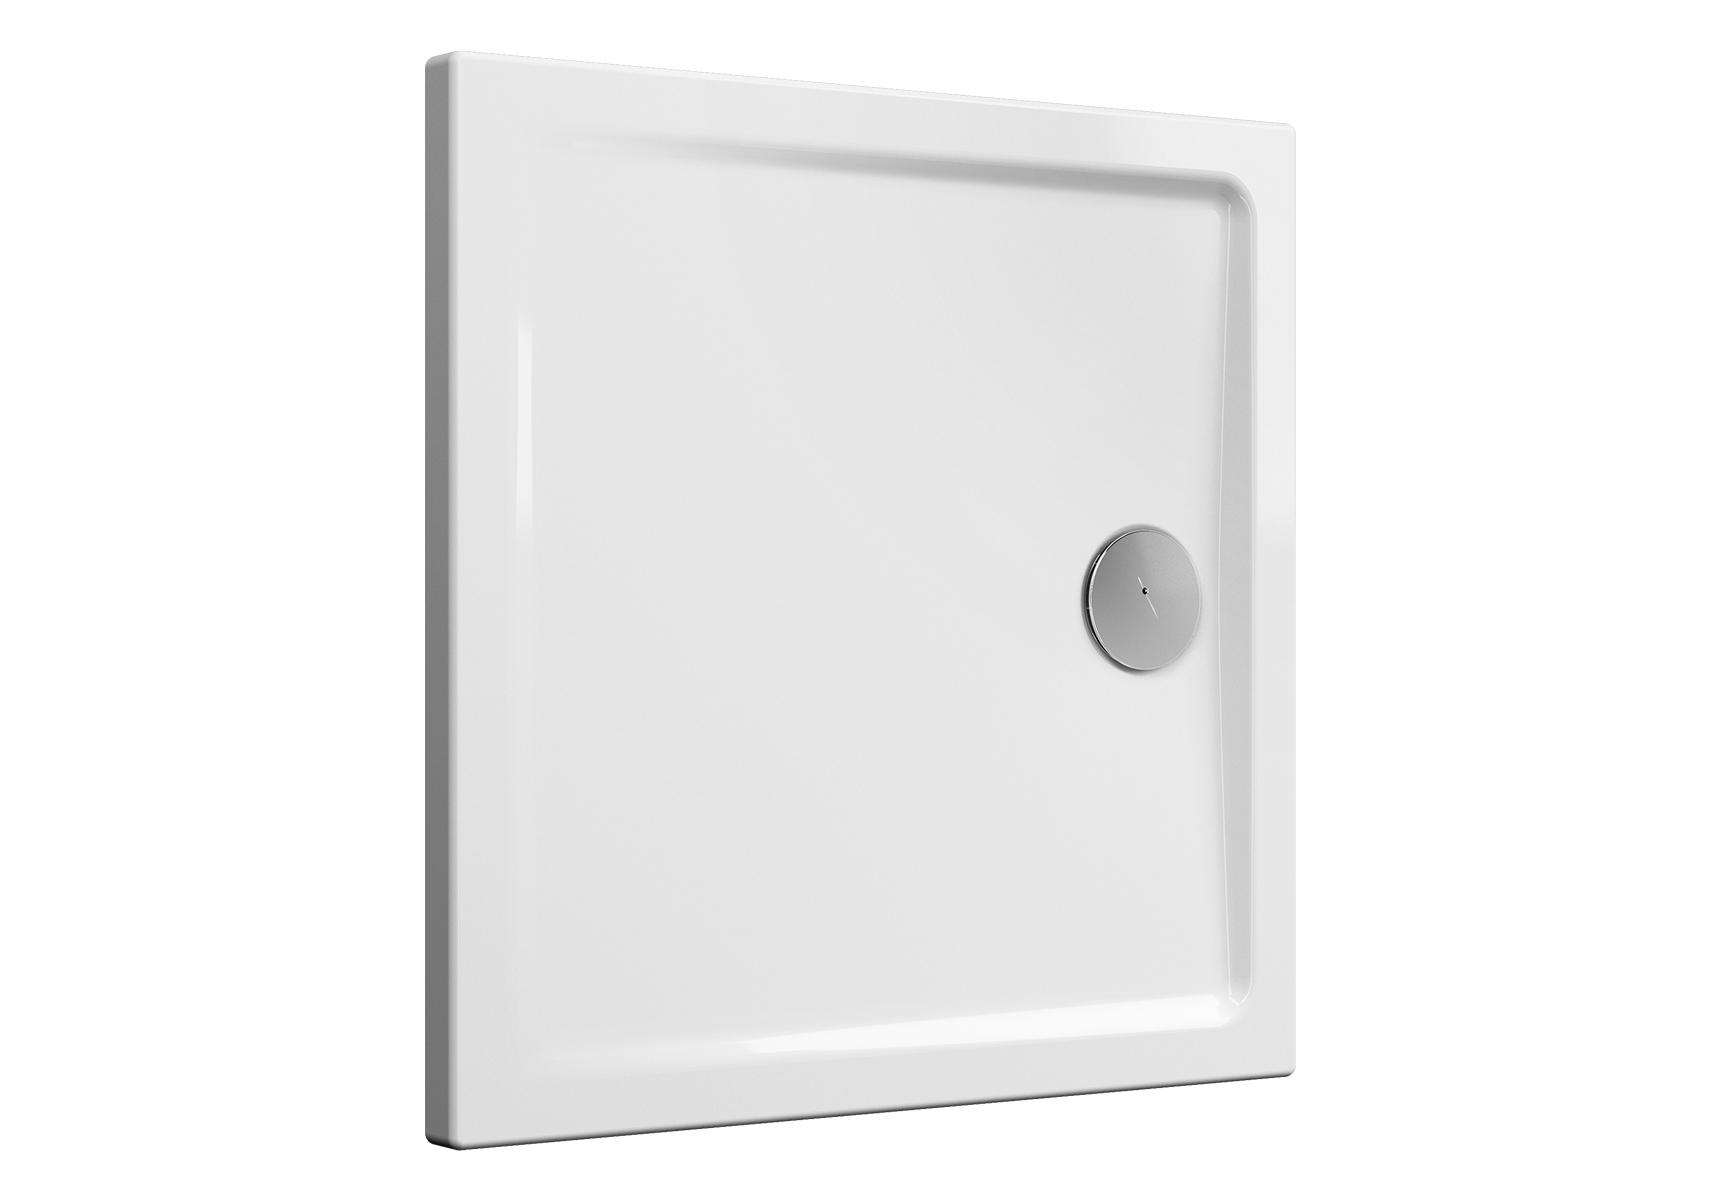 Cascade receveur ultra plat en céramique, 80 cm, carré, blanc haut brillance